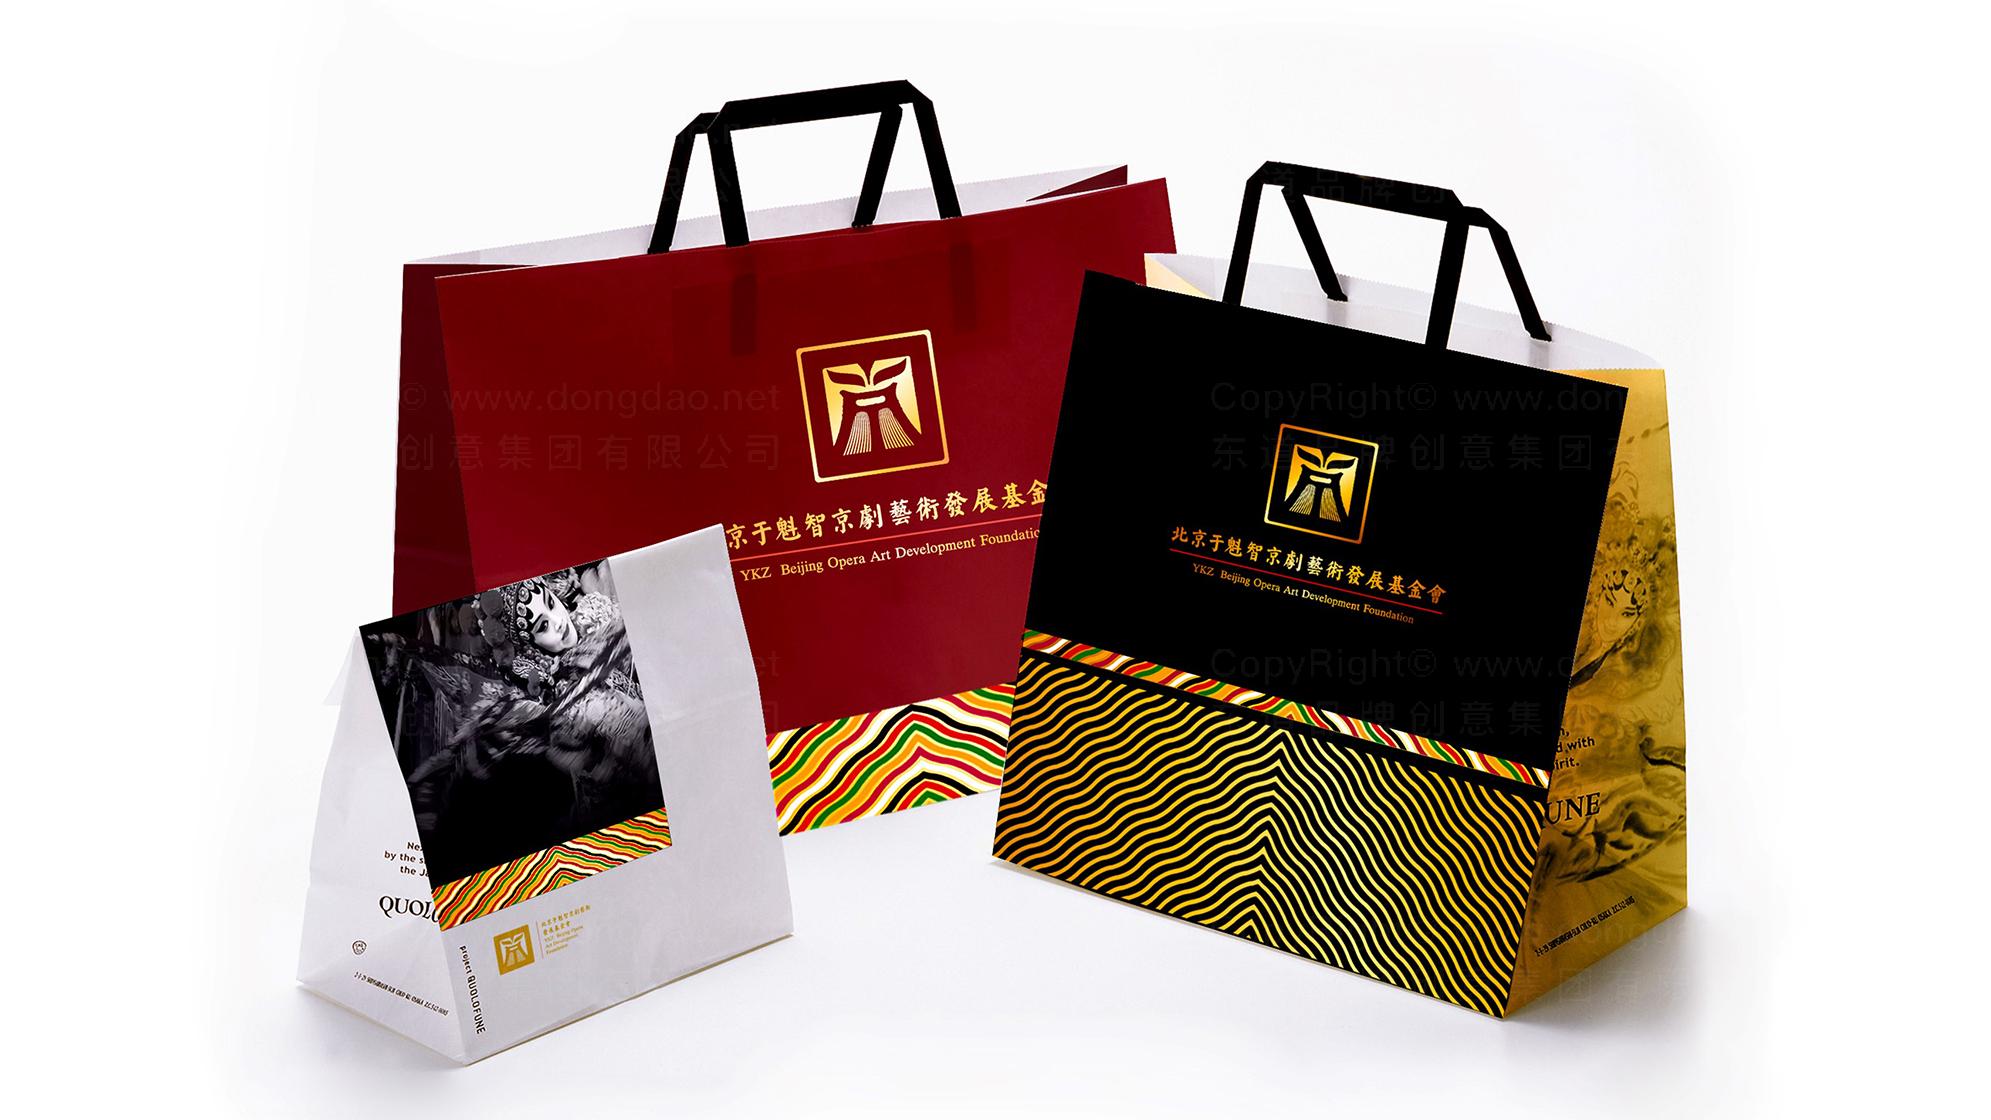 品牌设计于魁智京剧艺术发展基金会LOGO&VI设计应用场景_5